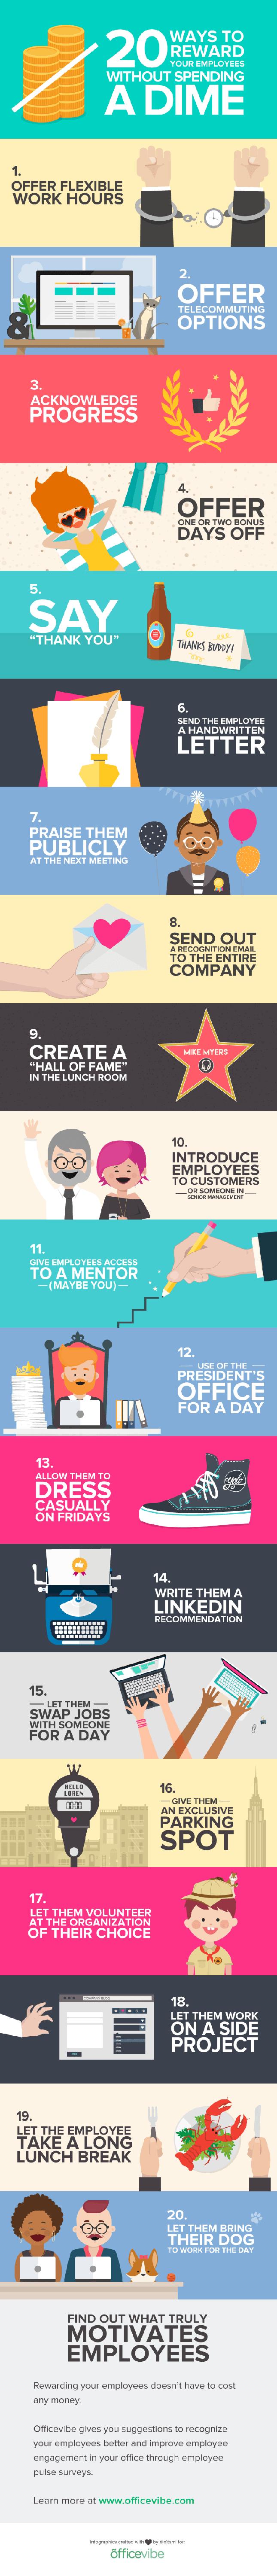 Infografik: 20 Ide Reward Karyawan Bukan Dengan Uang